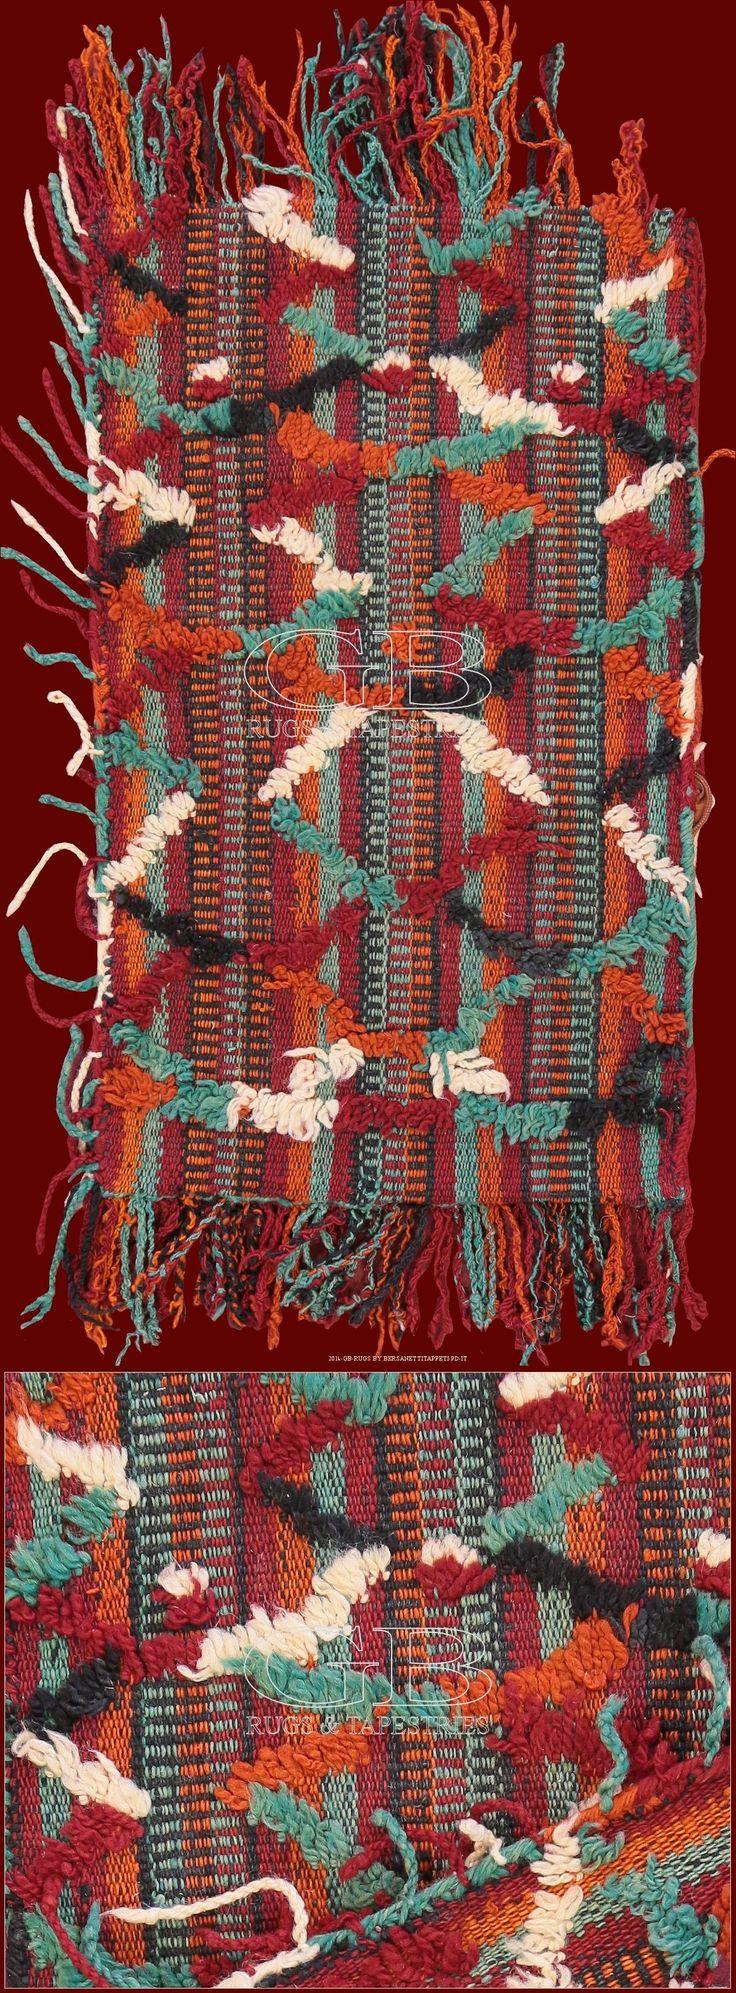 Tappeto Berbero Talsentcm 70 x 37ft 2'3 x 1'2 Cod:: 141418354398Provenienza: MaroccoEtà: VecchioNodi/dmq: 1200 Lavorazione: Annodato a manoOrdito: LanaTrama: LanaVello: Lana I tappeti provenienti dalla regione Talsent (estremo est del Marocco, confine con l'Algeria) si caratterizzano per il colore viola quale colore base e una forte presenza simbolica berbera. Questo pezzo è un elegante esempio degli anni trenta di questa produzione.